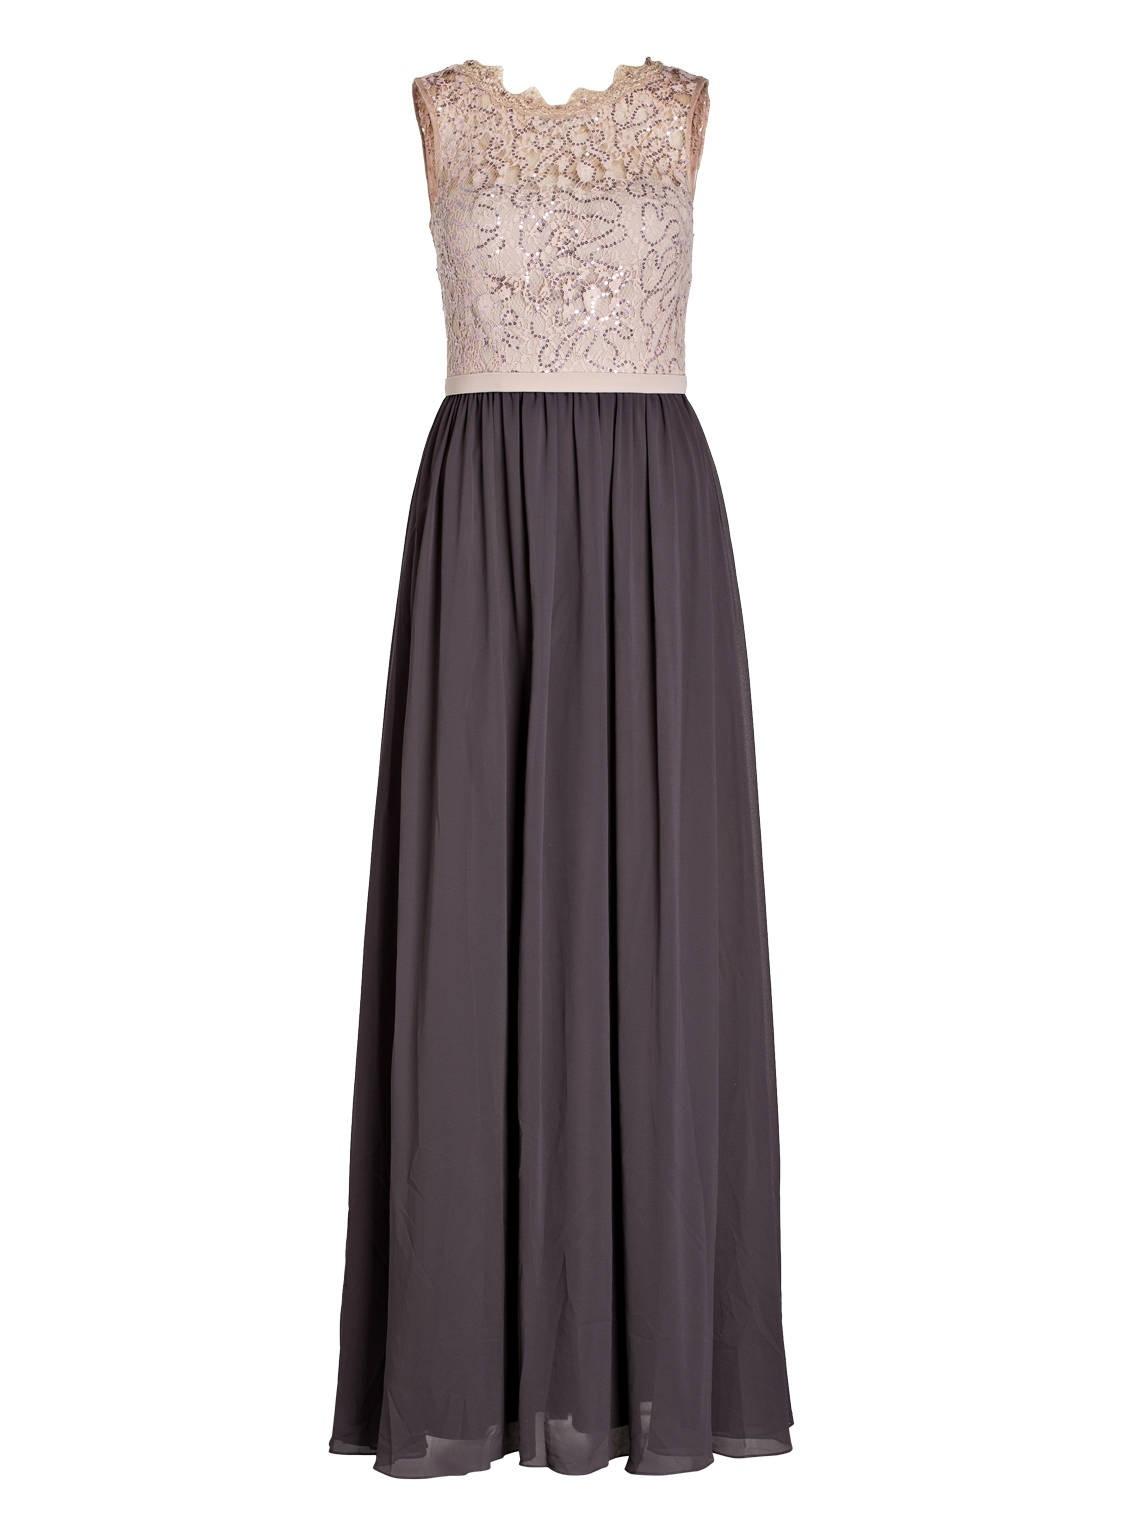 Spektakulär Abendkleider Deutschland Online Bestellen für 10